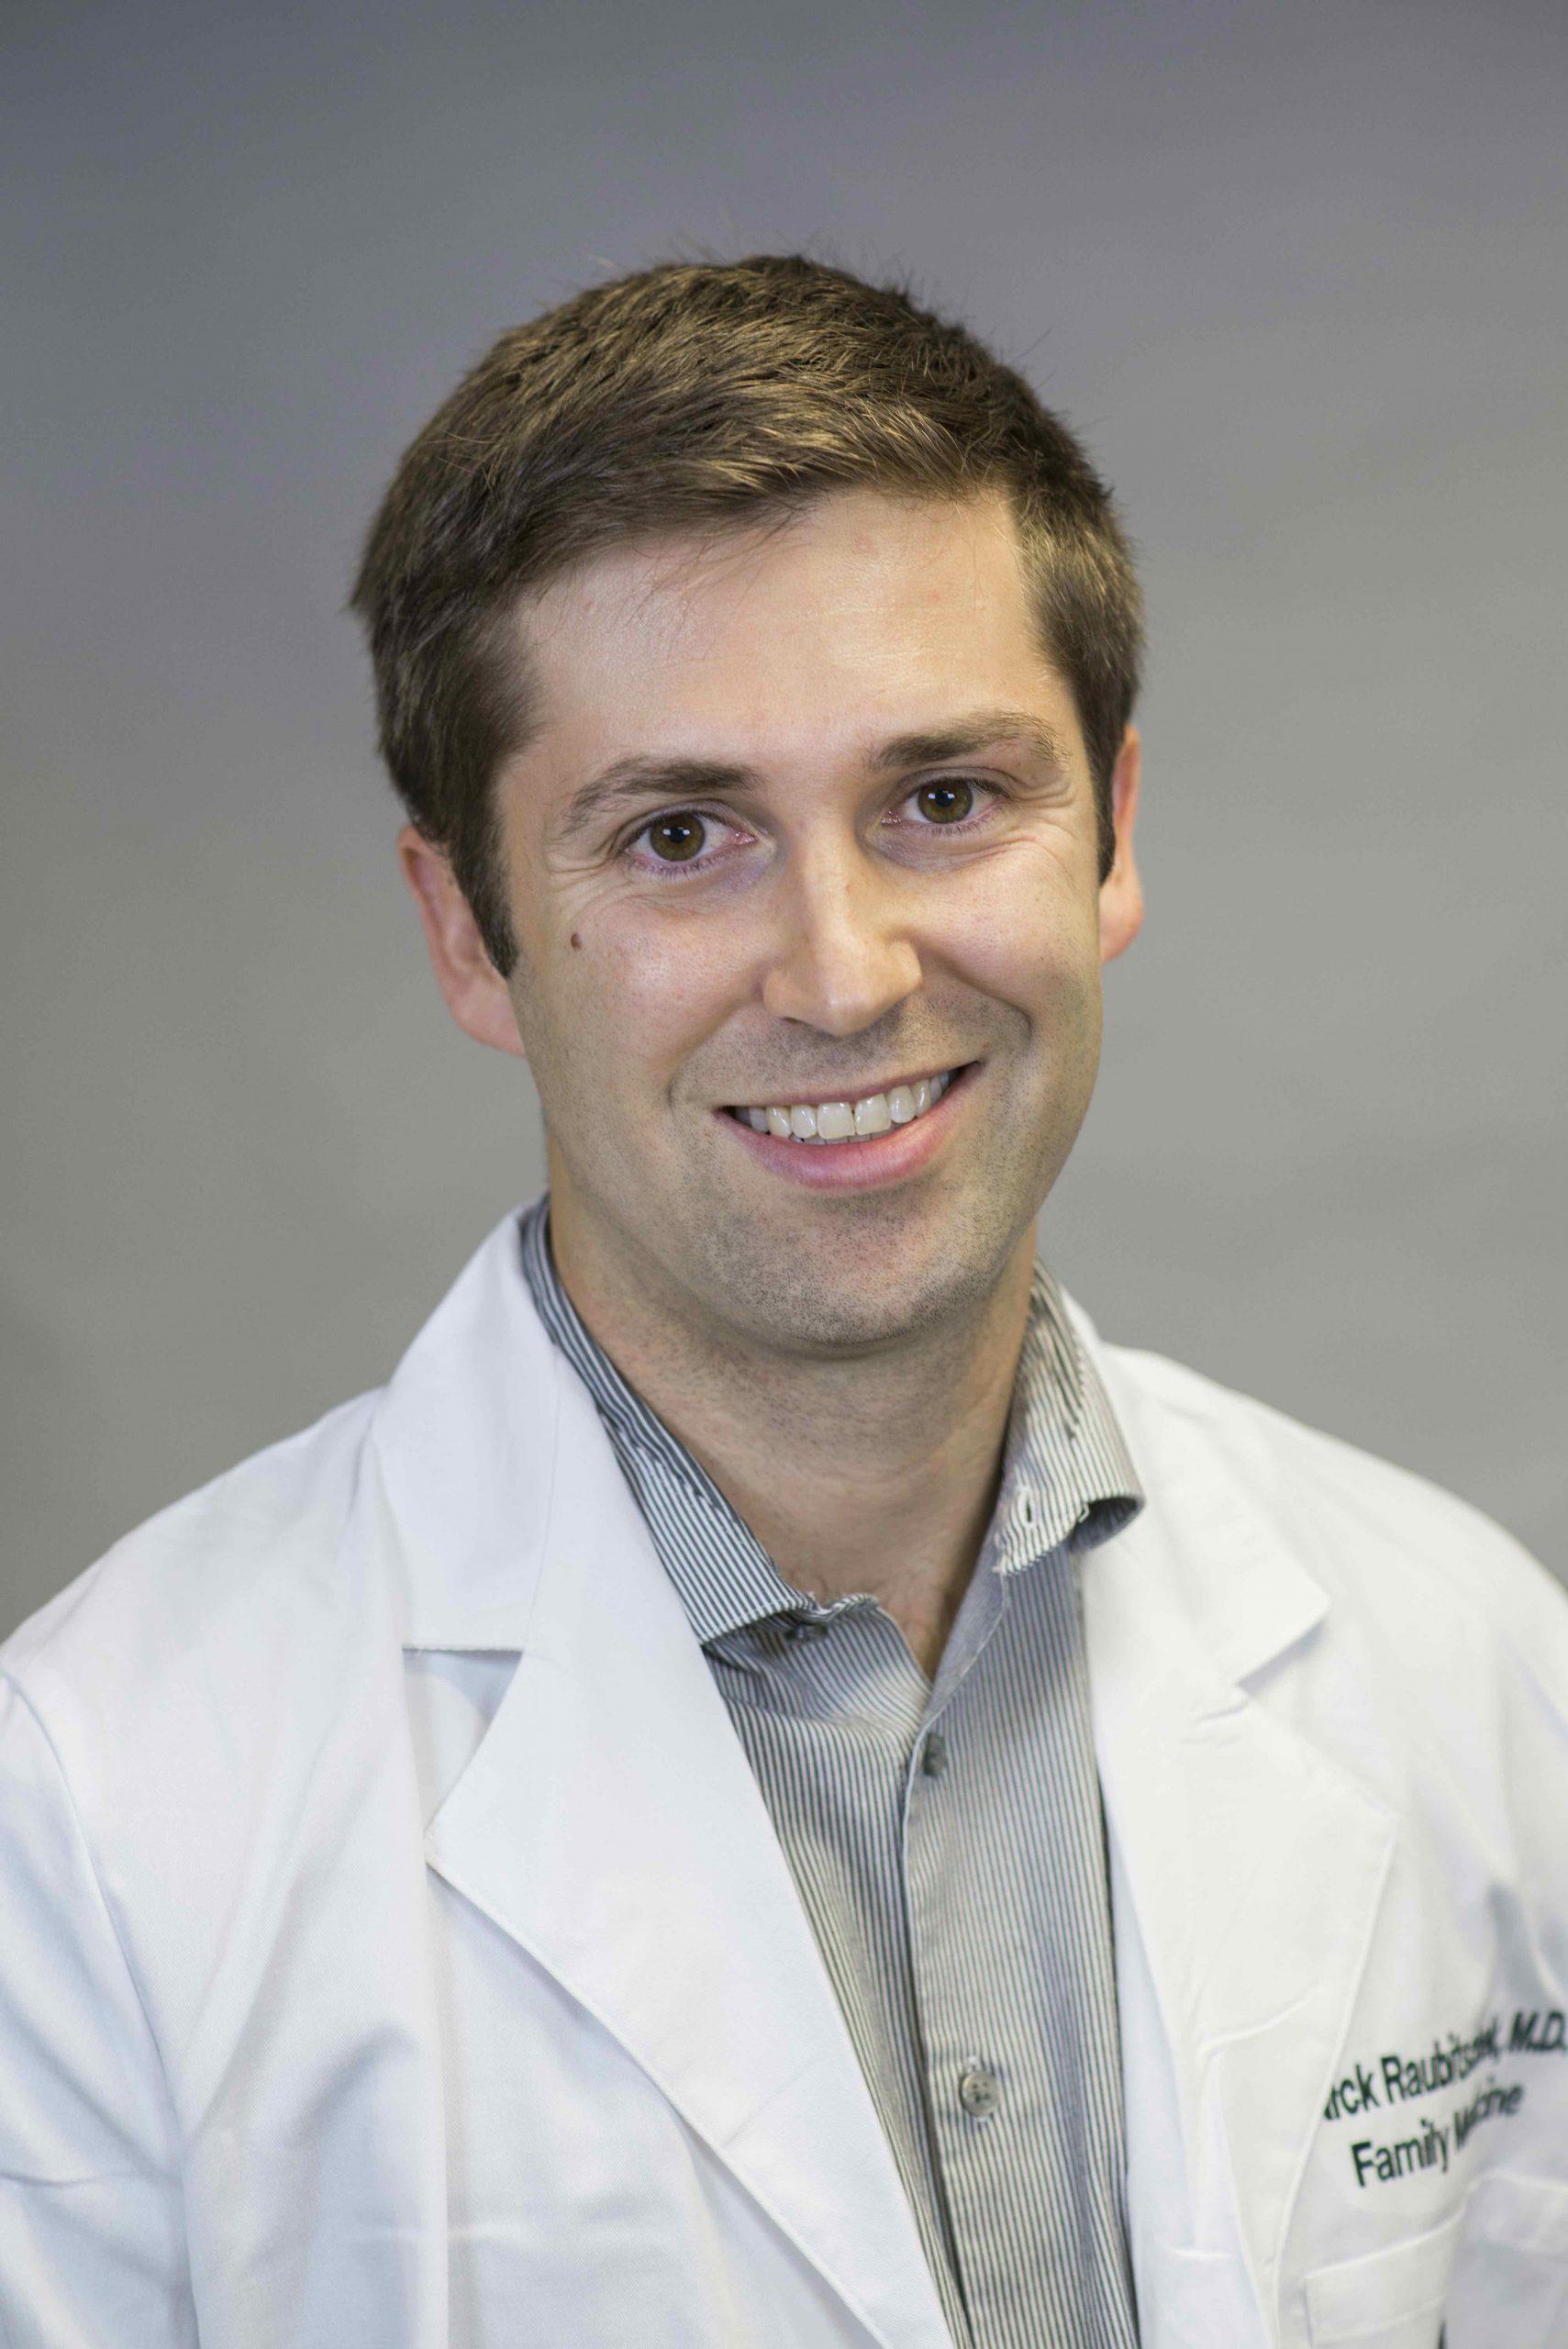 Nicholas Raubitschek MD Online Doctor Family Medicine California